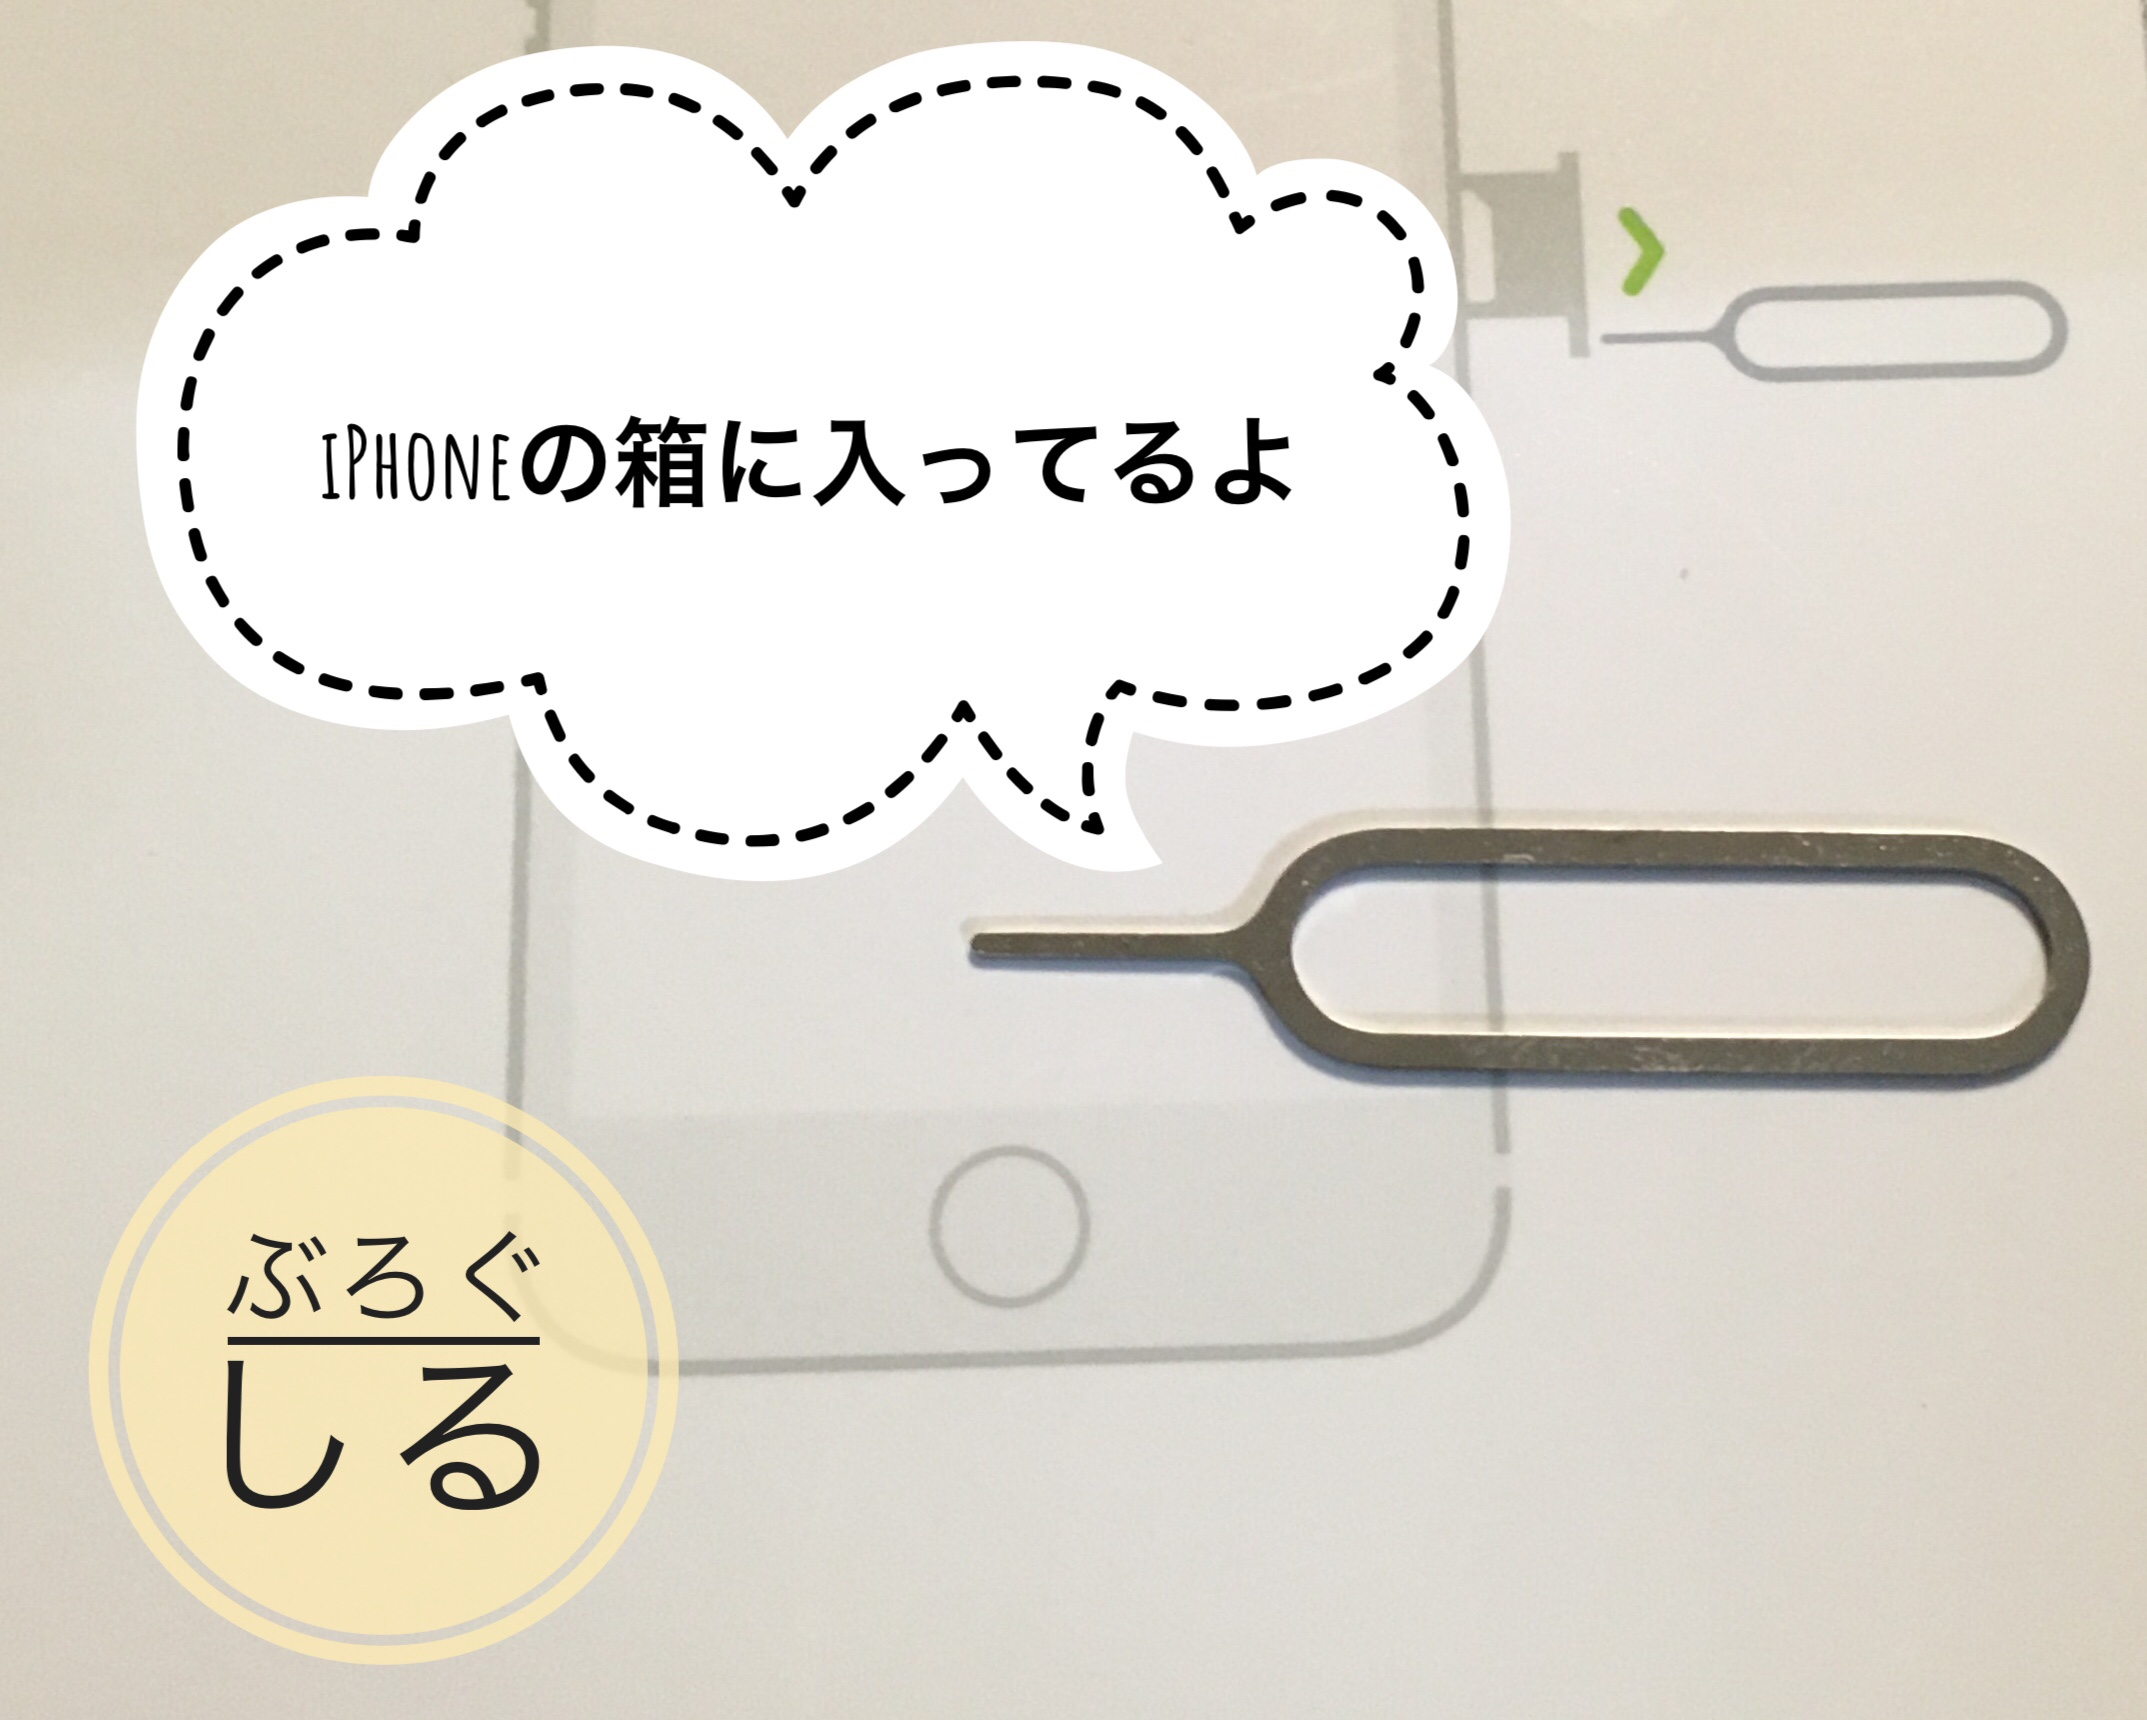 【UQモバイル】simなしになる・・・コレで一発で直った! img 2773 1